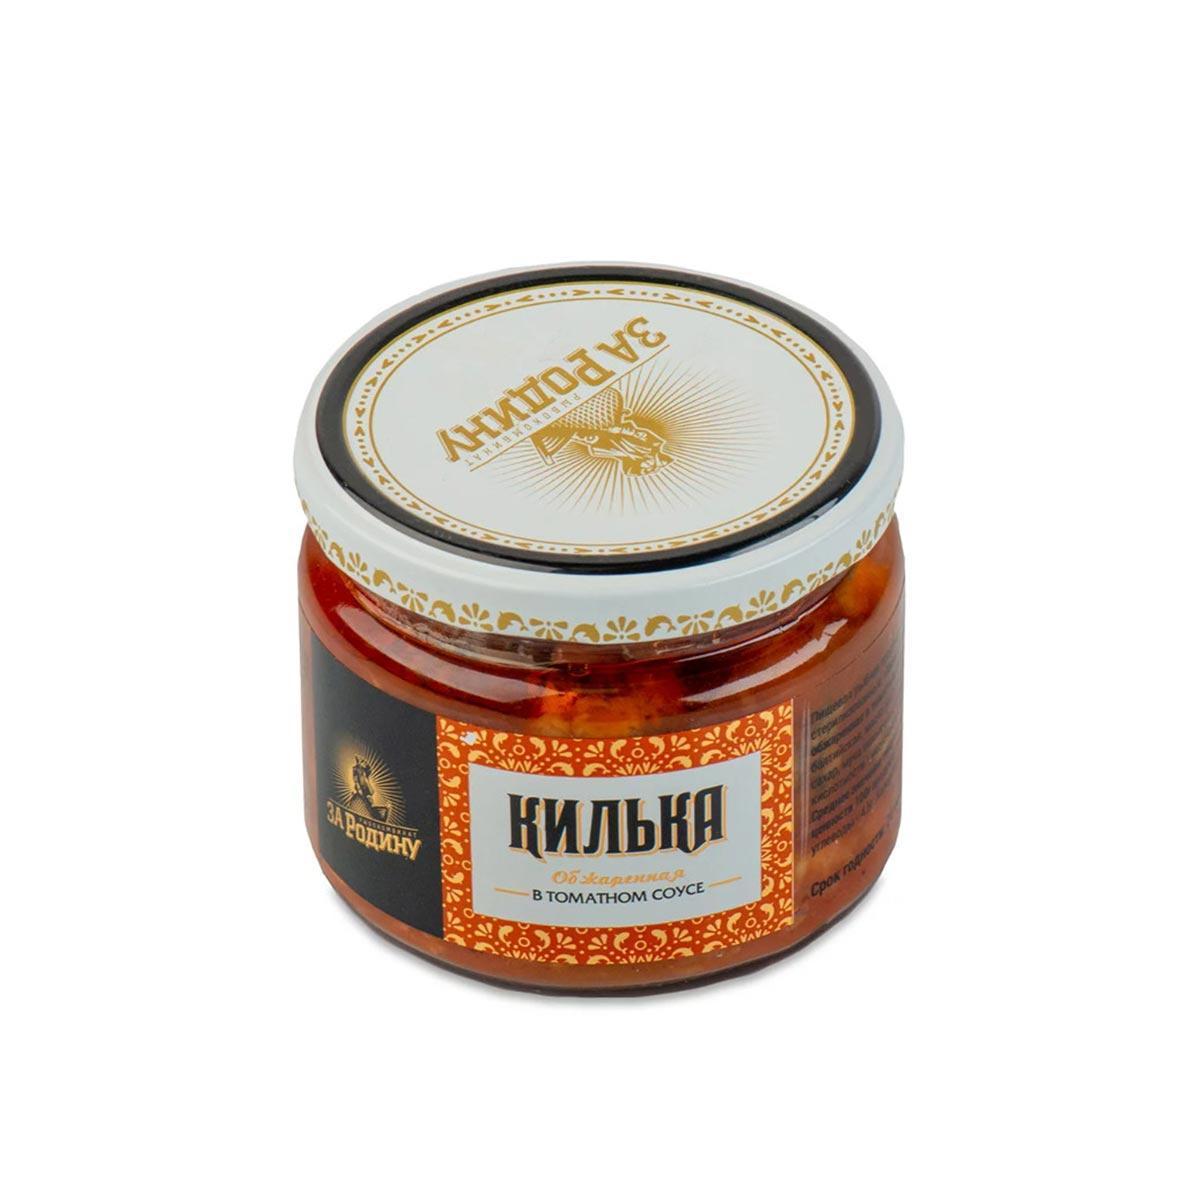 Килька обжаренная в томатном соусе, 270 г